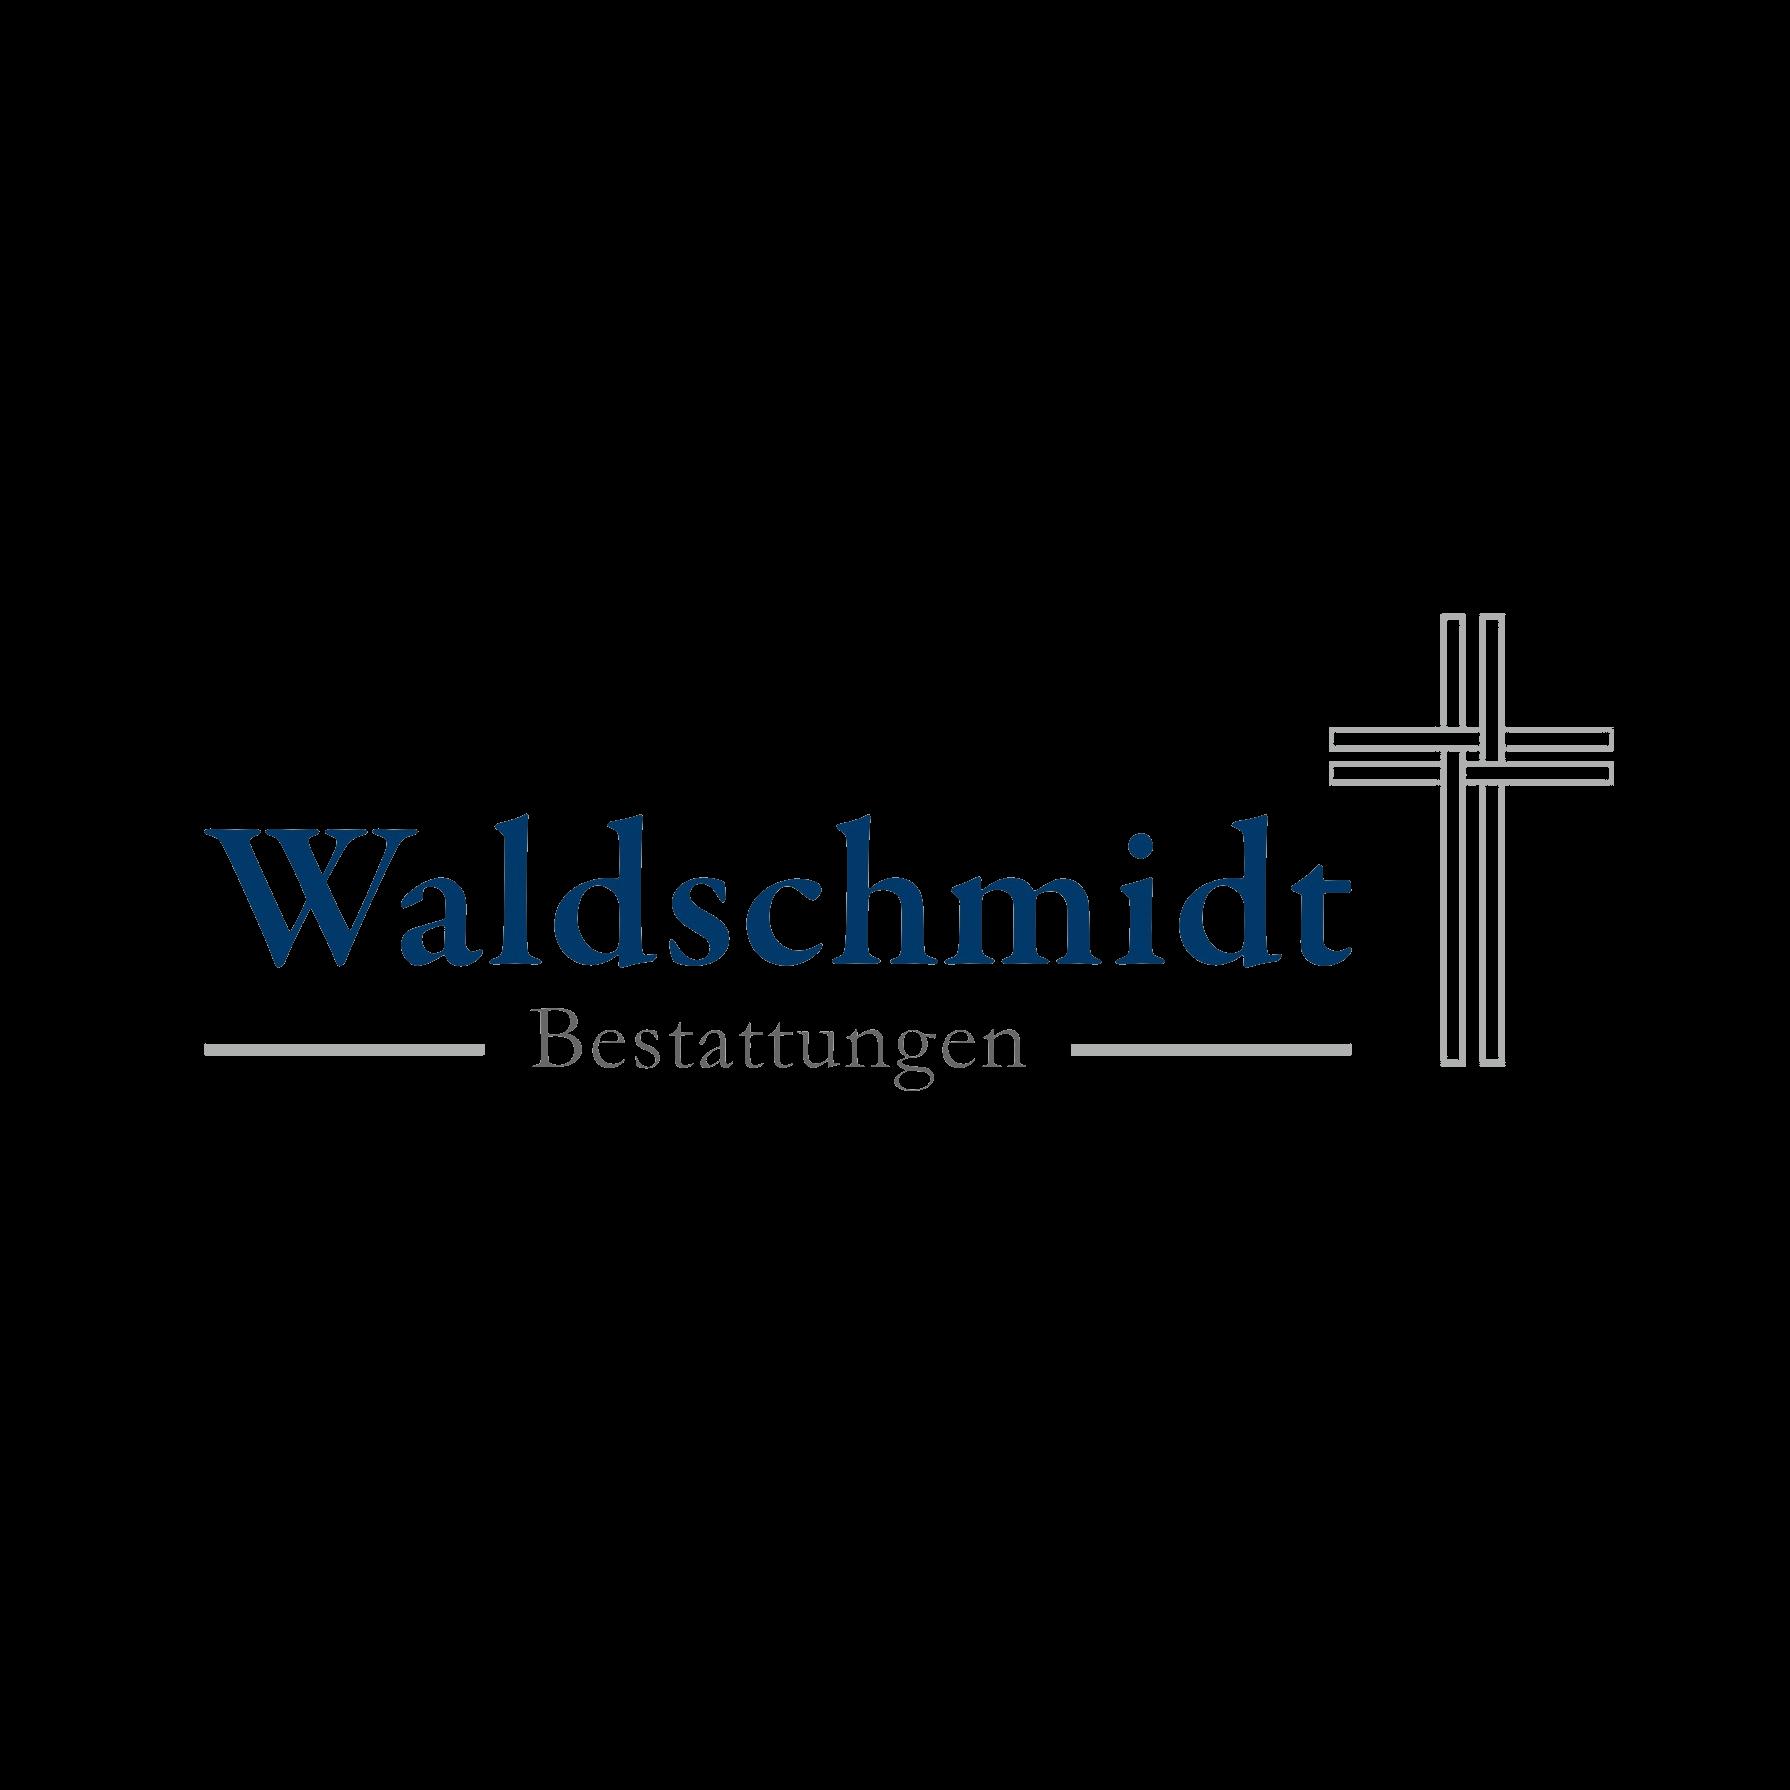 Waldschmidt Bestattungen Inh. Jürgen Waldschmidt